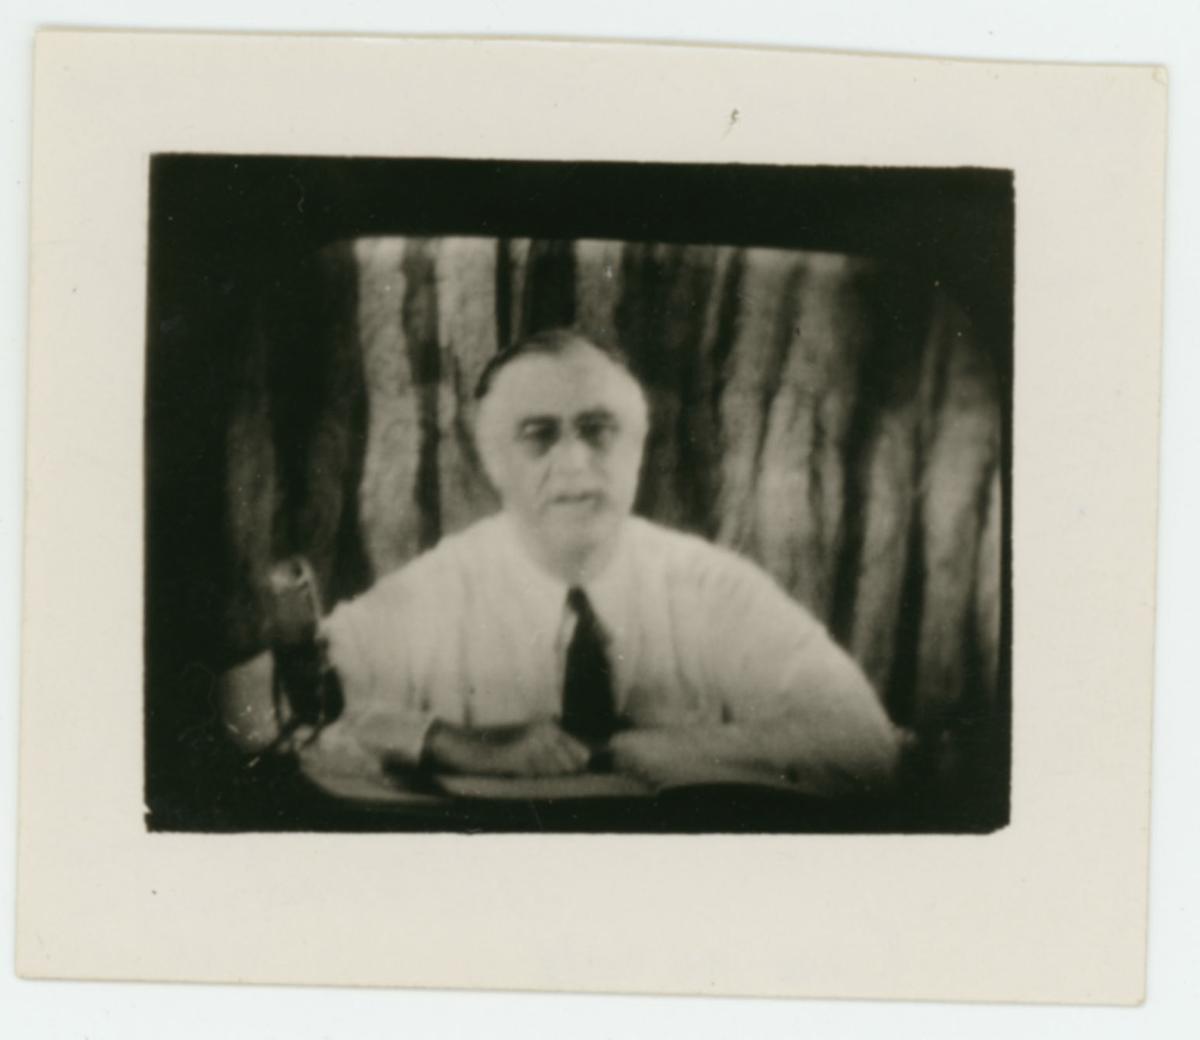 PHOTO: FDR 1940 acceptance speech